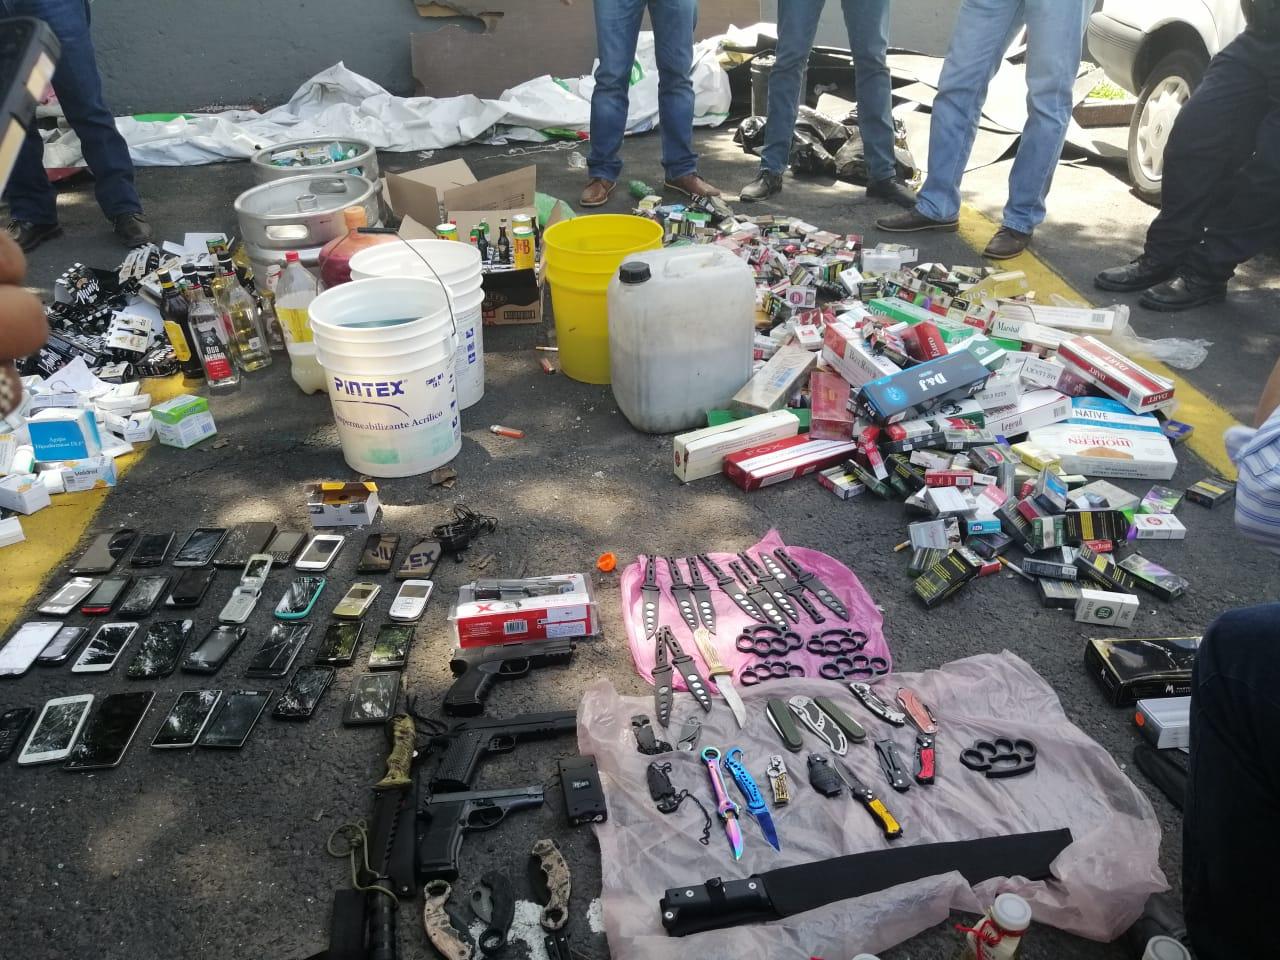 En Operativo, decomisa Policía Auxiliar de la Alcaldía Iztapalapa Armas Réplicas, Celulares, Medicamentos y Bebidas Alcohólicas